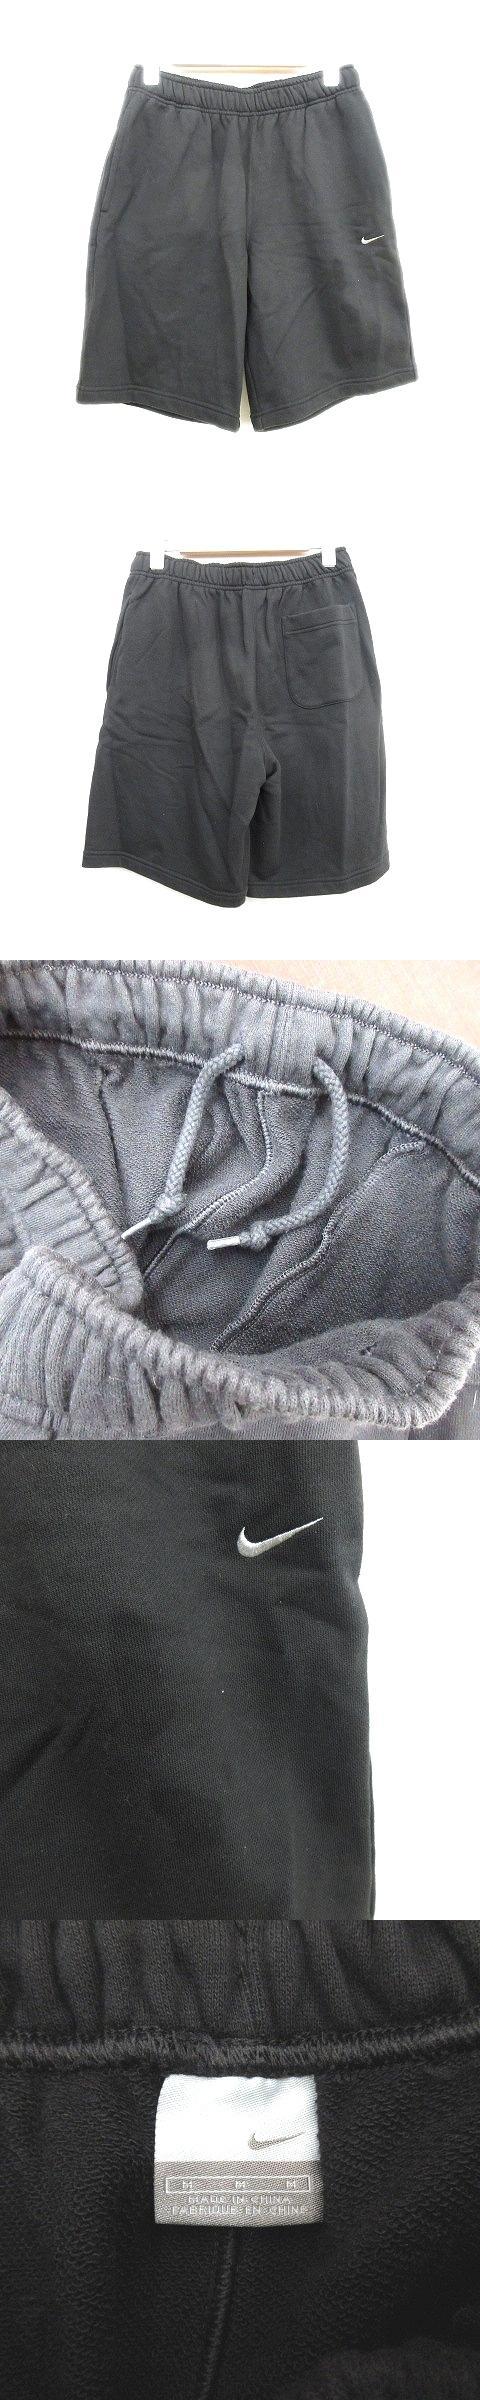 ハーフ パンツ スウェット ロゴ 刺繍 ウエストゴム M 黒 メンズ/Q60